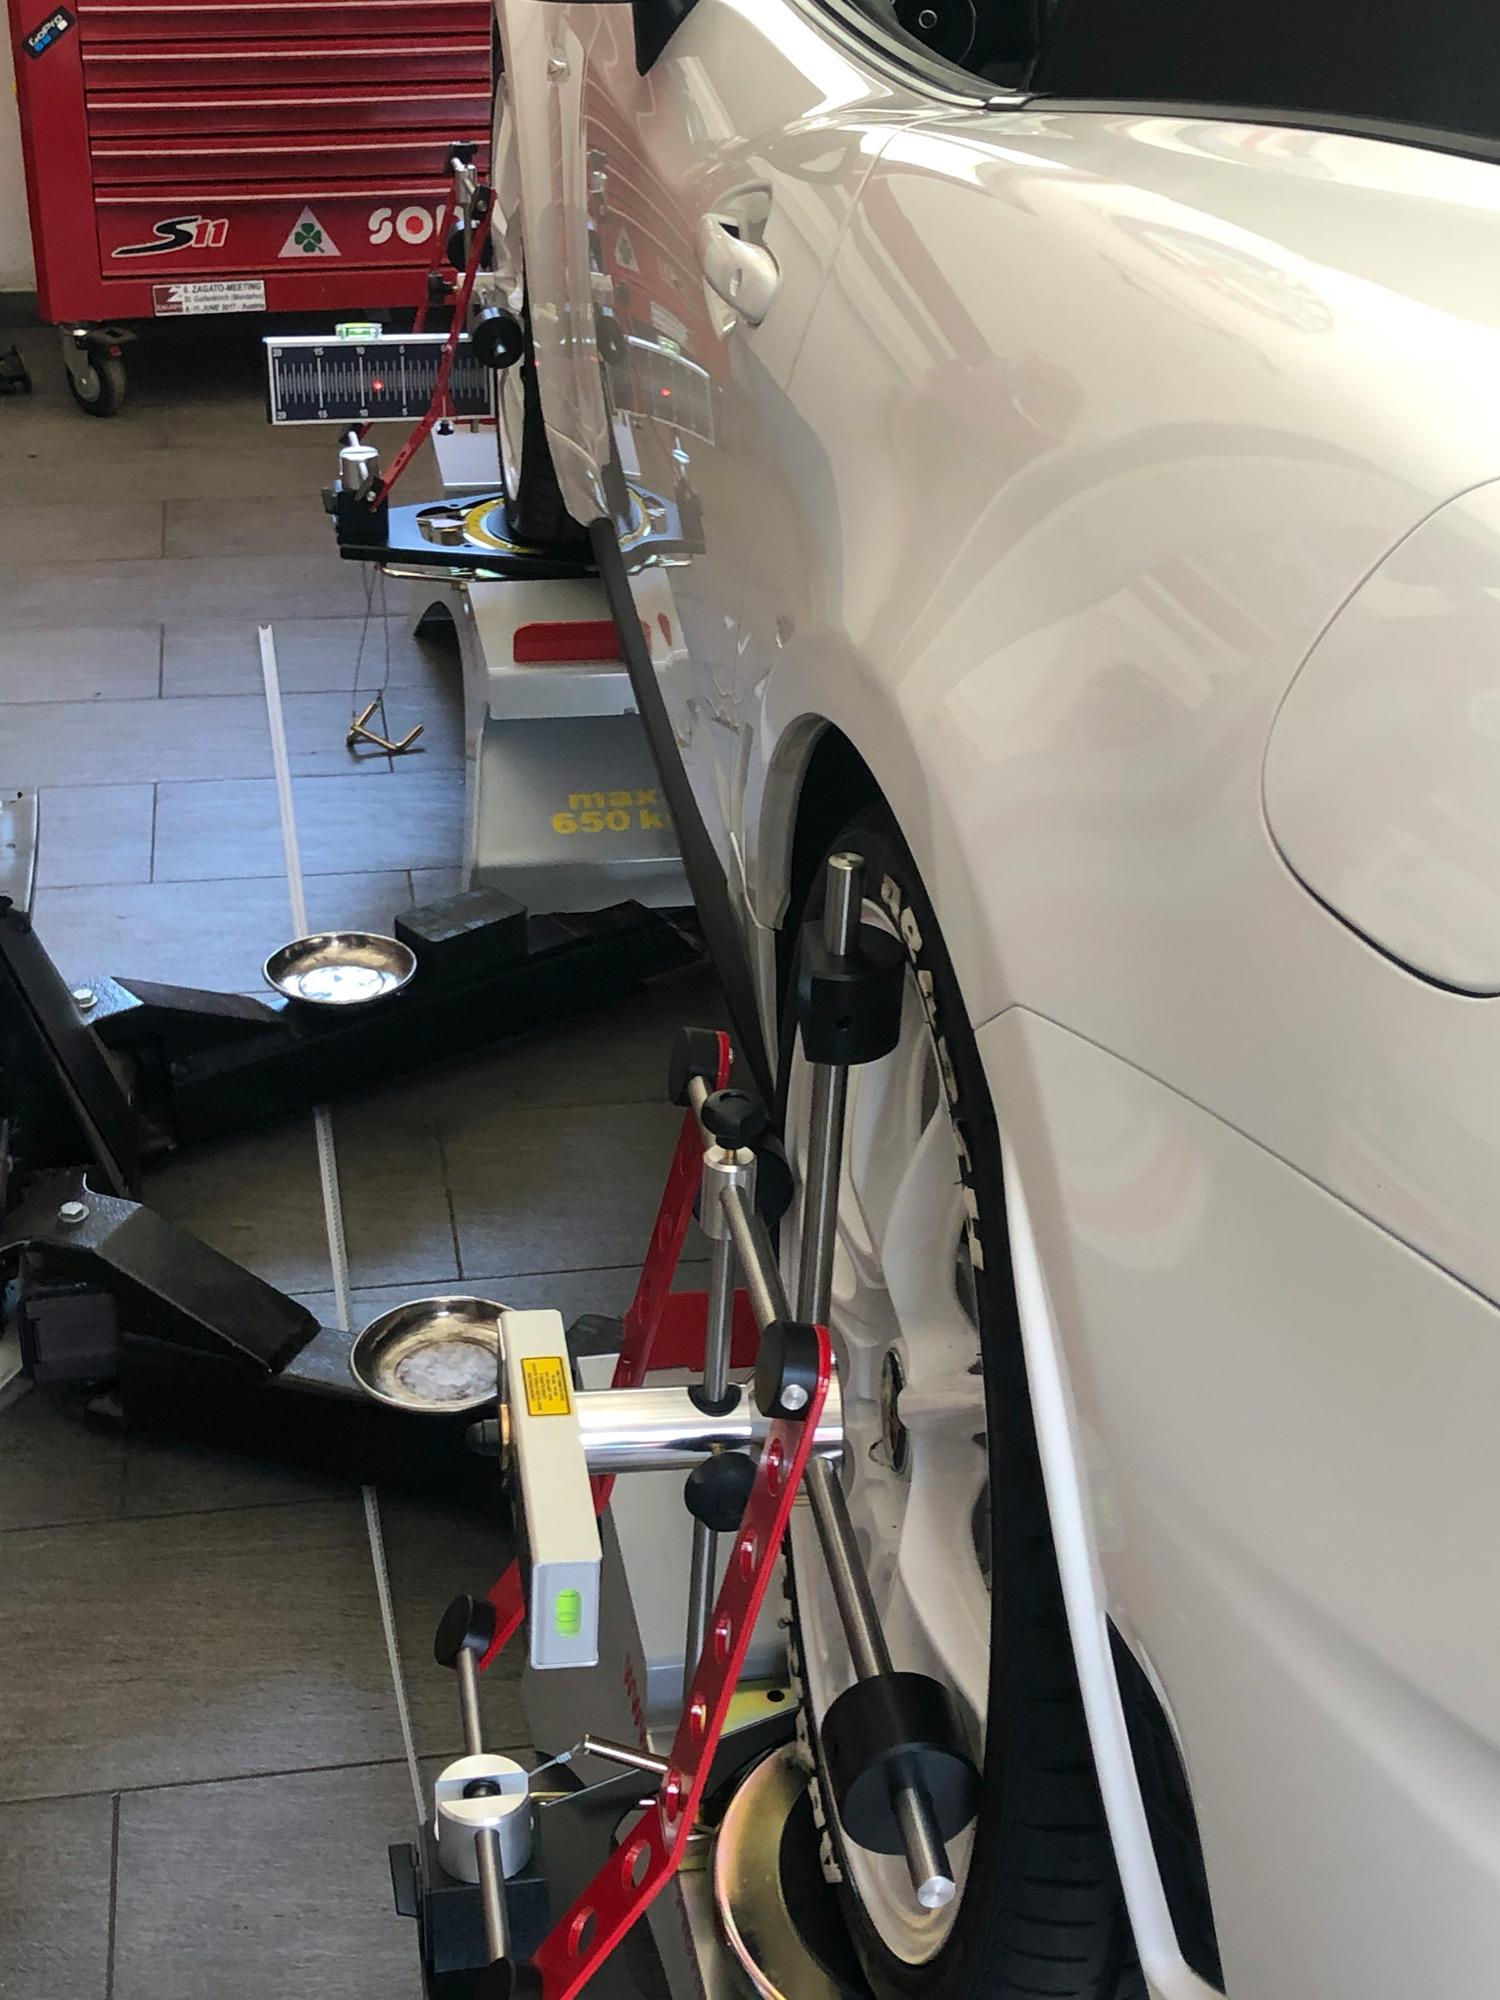 Achvermessung Spur Sturz Nachlauf - Gelnhausen Auto Werkstatt